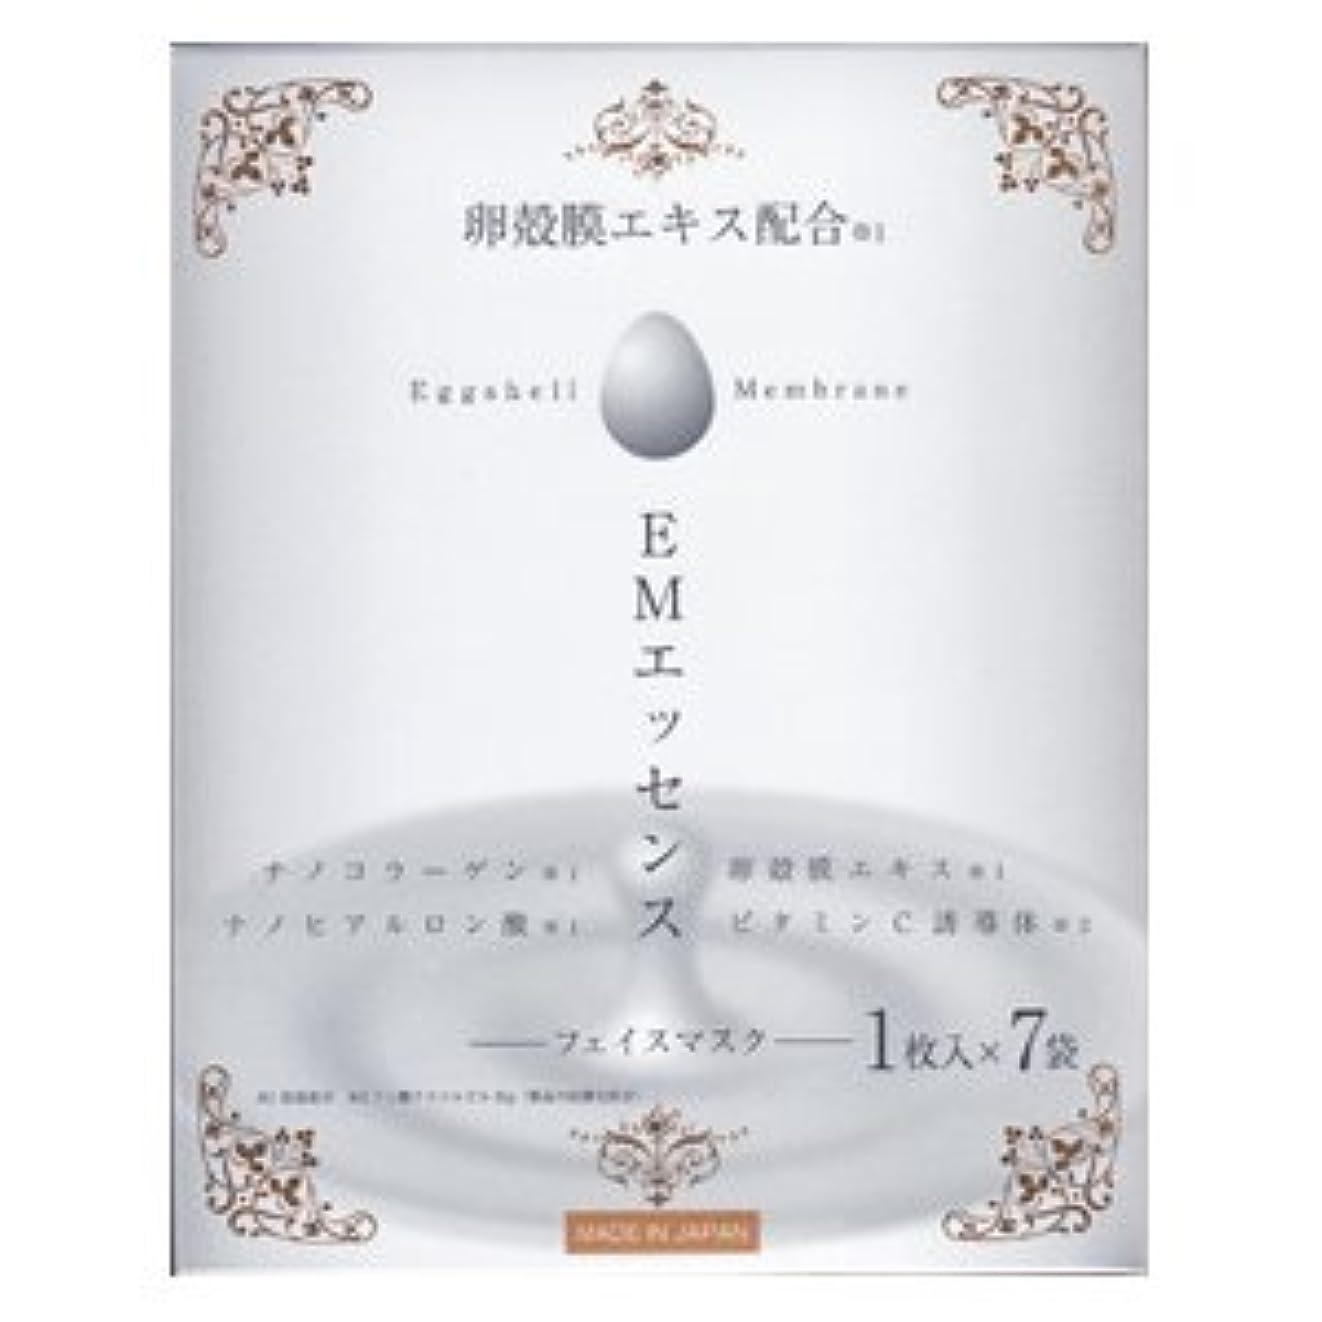 ひどく賠償廃止する卵殻膜エキス配合 EMエッセンス フェイスマスク 1枚入×7袋